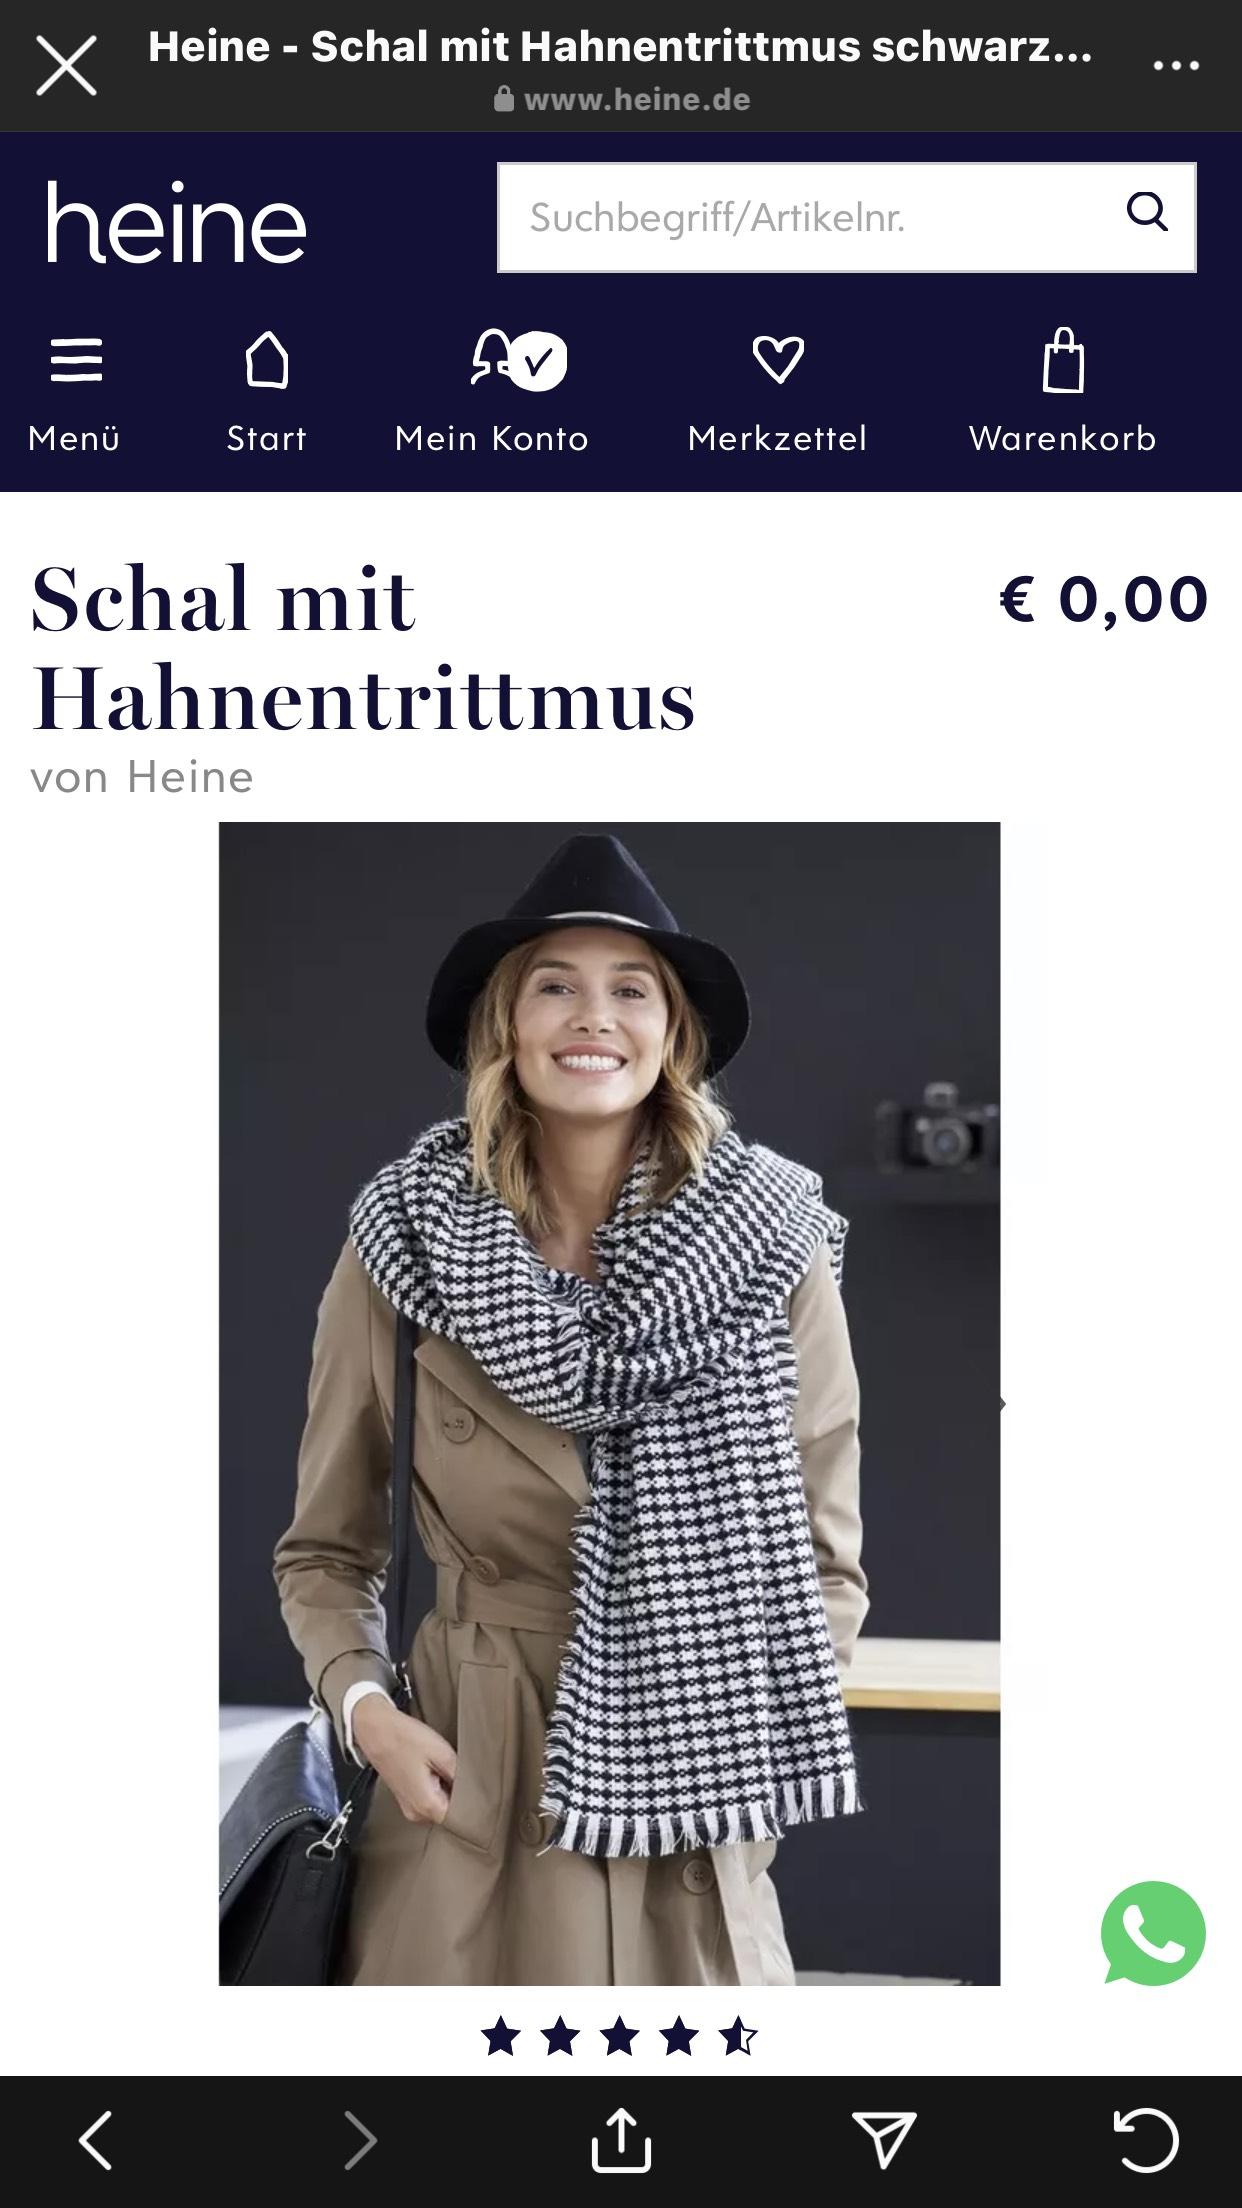 Gratis-Schal bei Heine